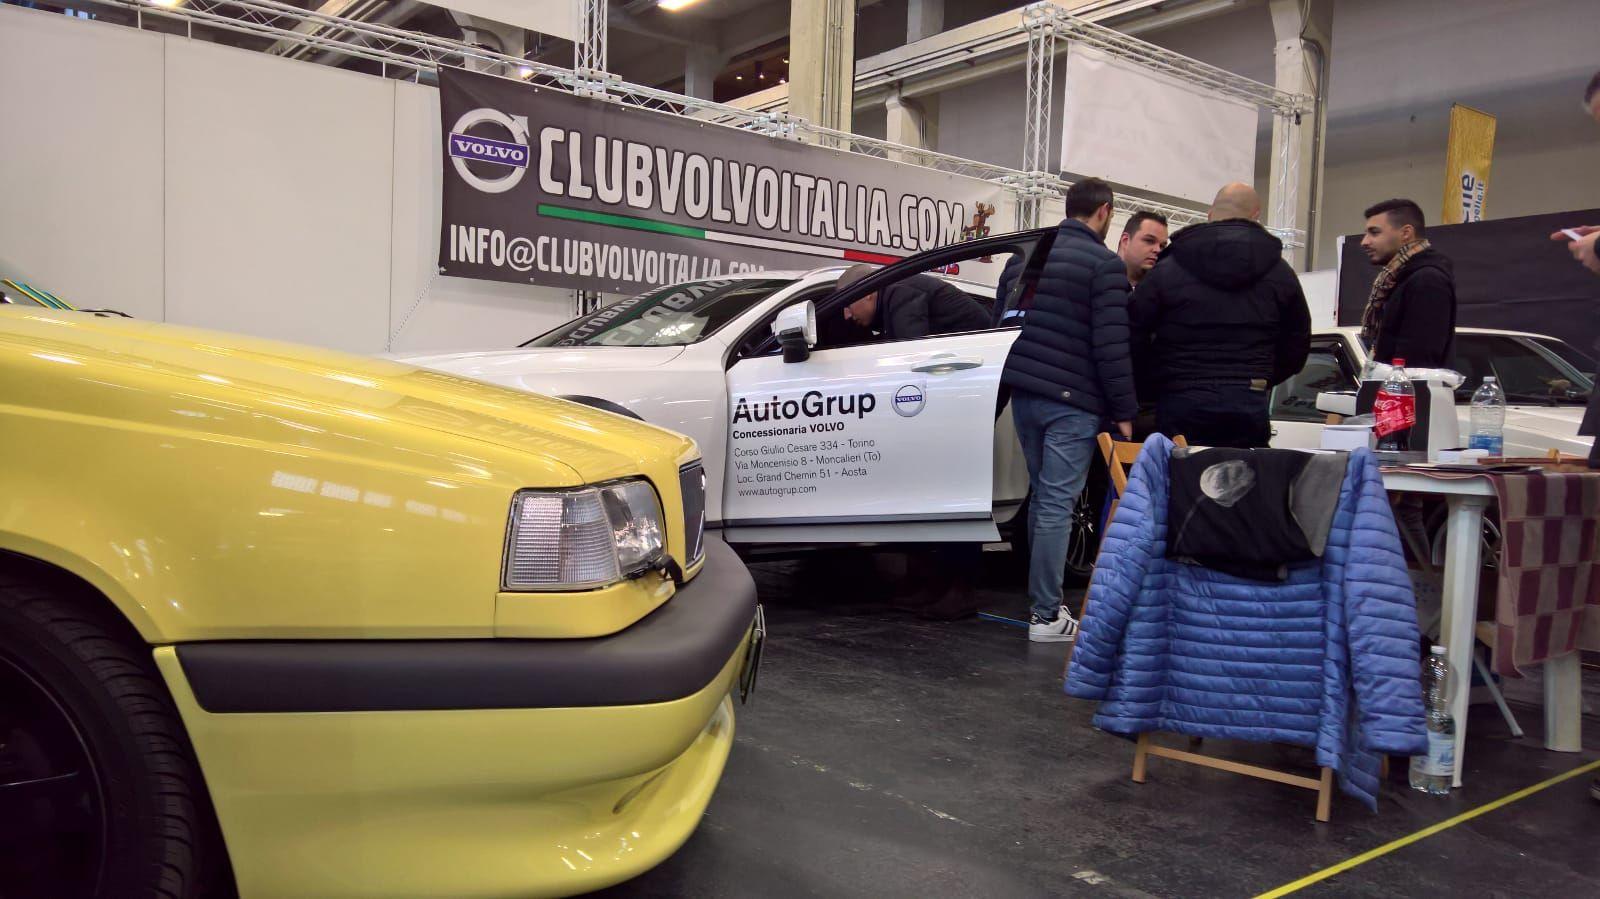 VOLVO AutoGrup e Club VOLVO Italia protagonisti al salone Automotoretrò di Torino